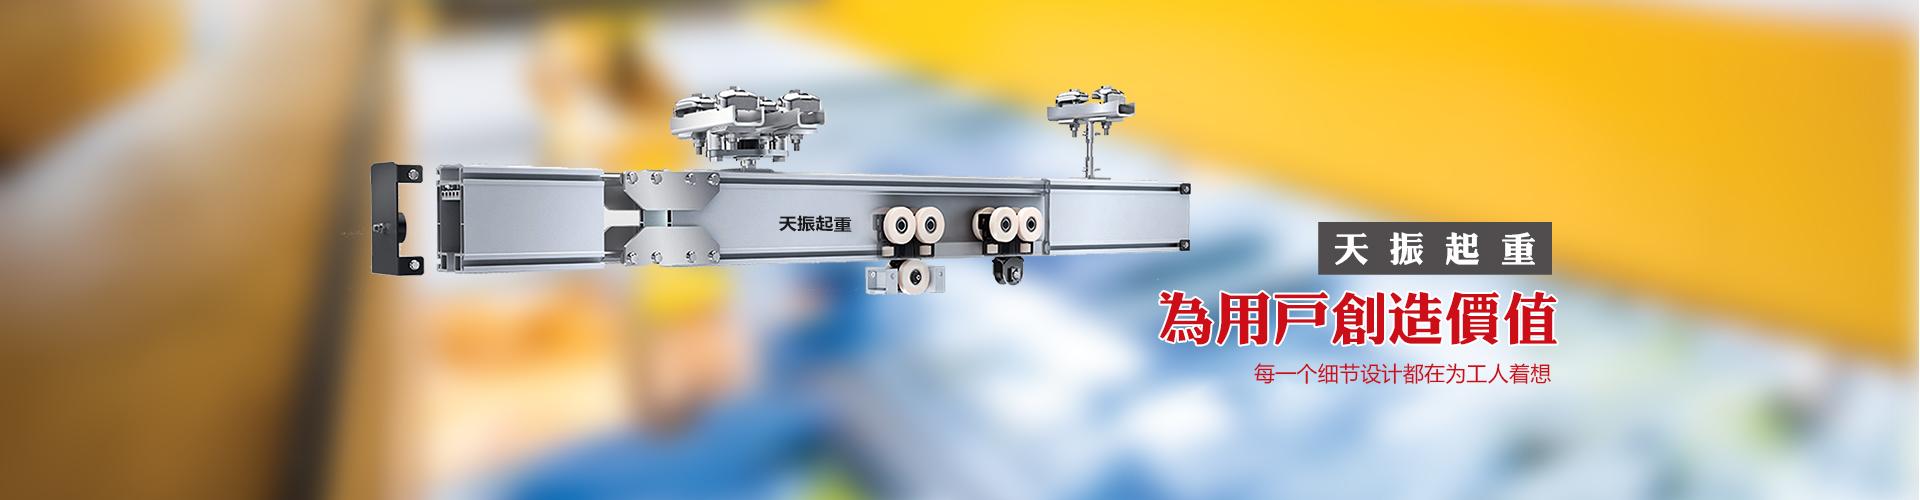 苏州天振起重设备有限公司